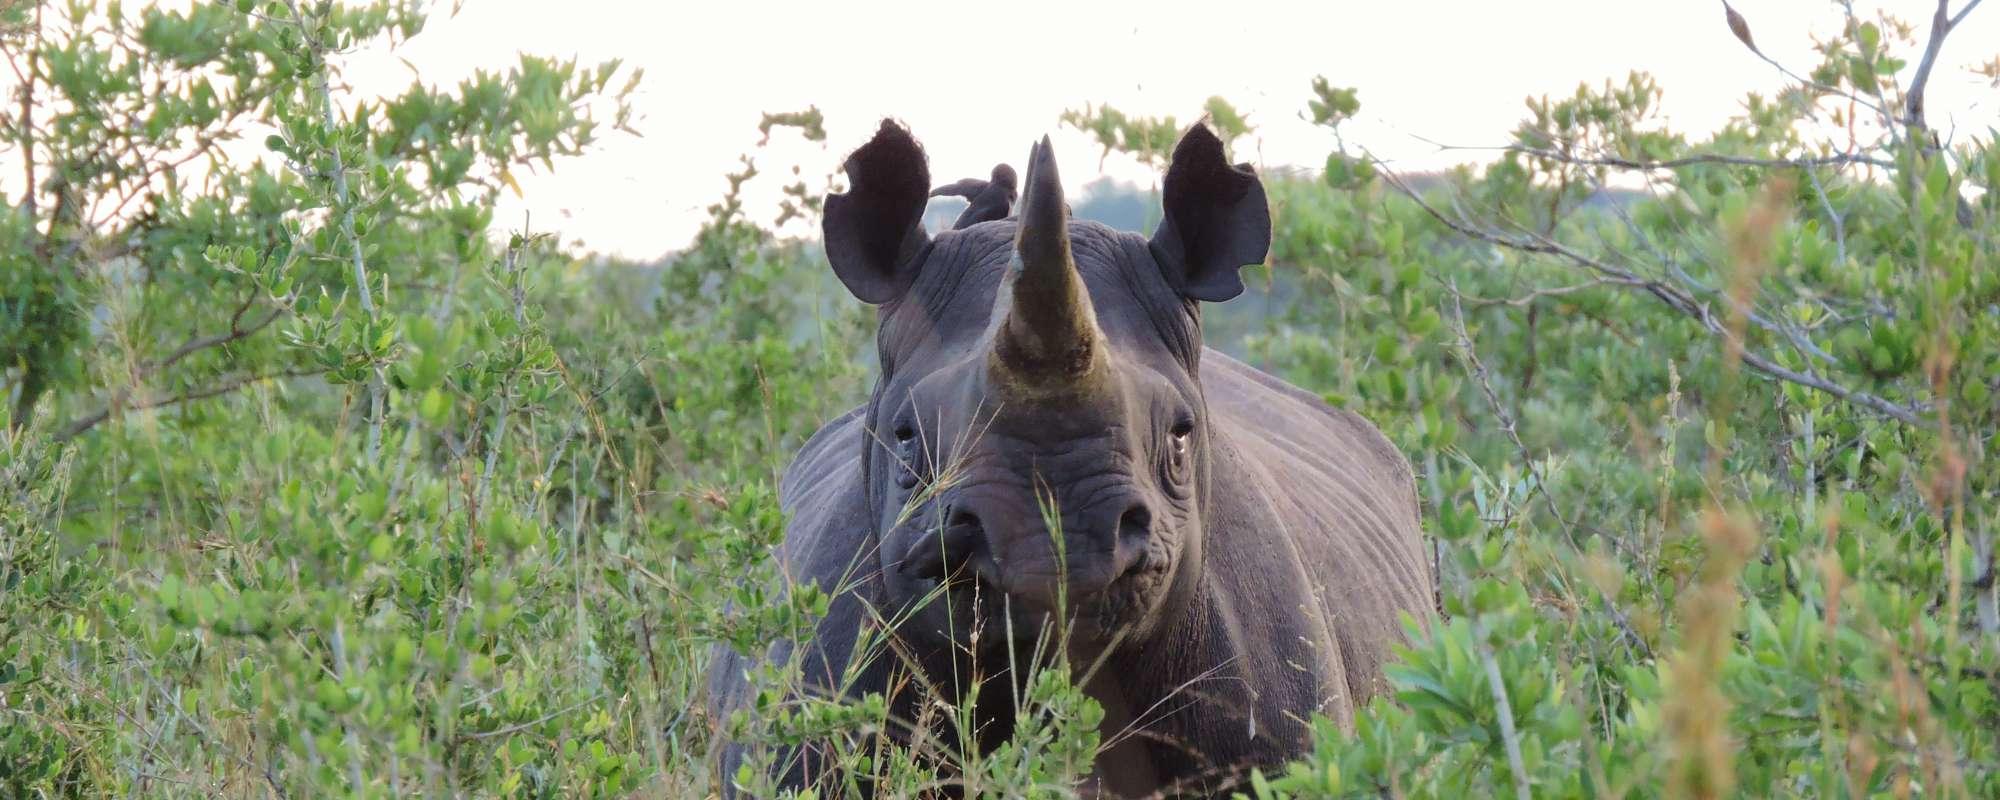 Bescherming van de neushoorn en zijn leefgebied